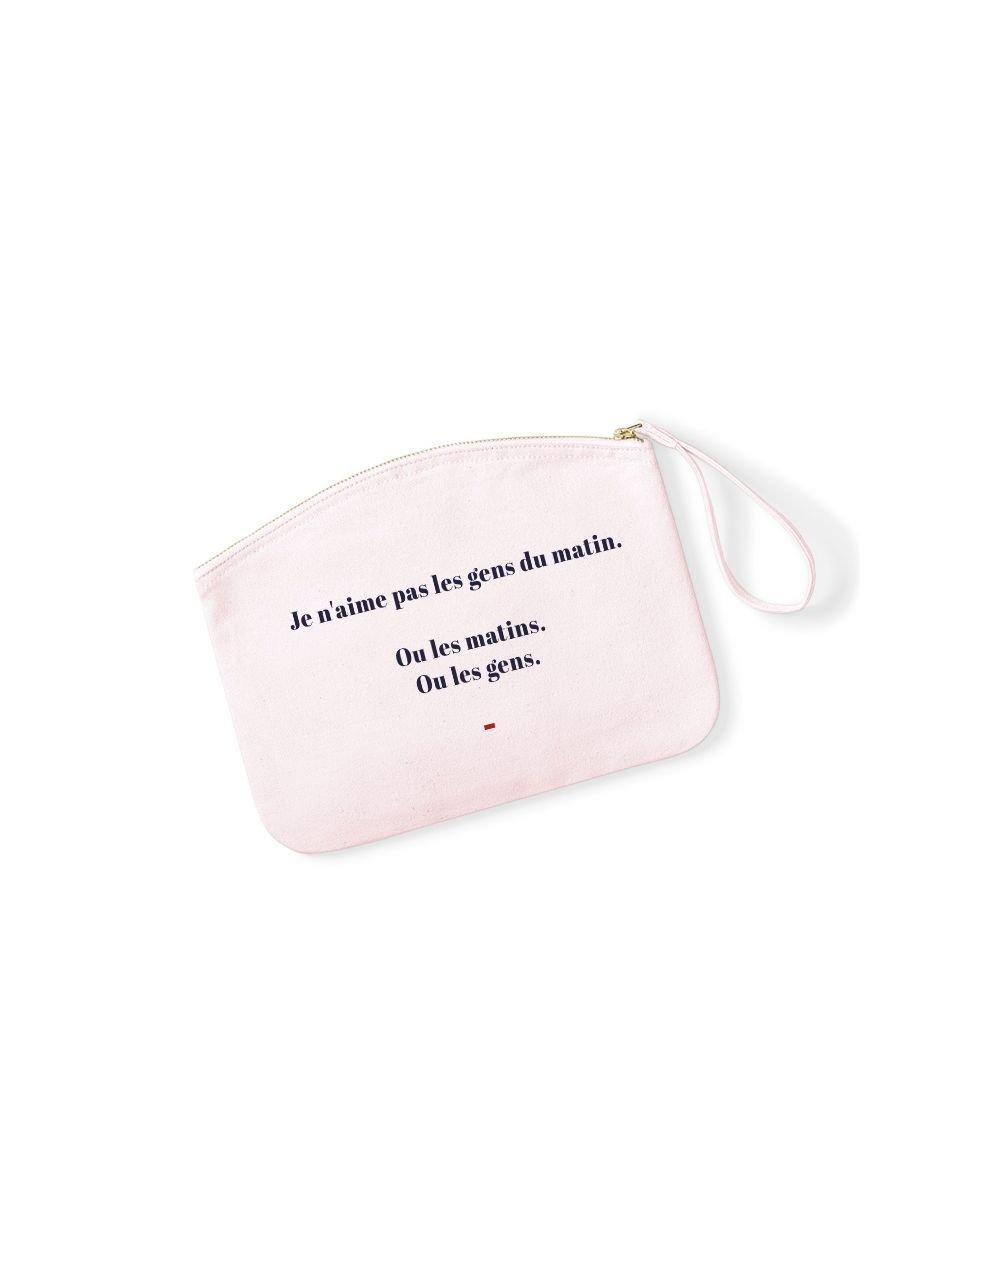 JE N'AIME PAS LES GENS DU MATIN - Pochette Rose Pastel en coton